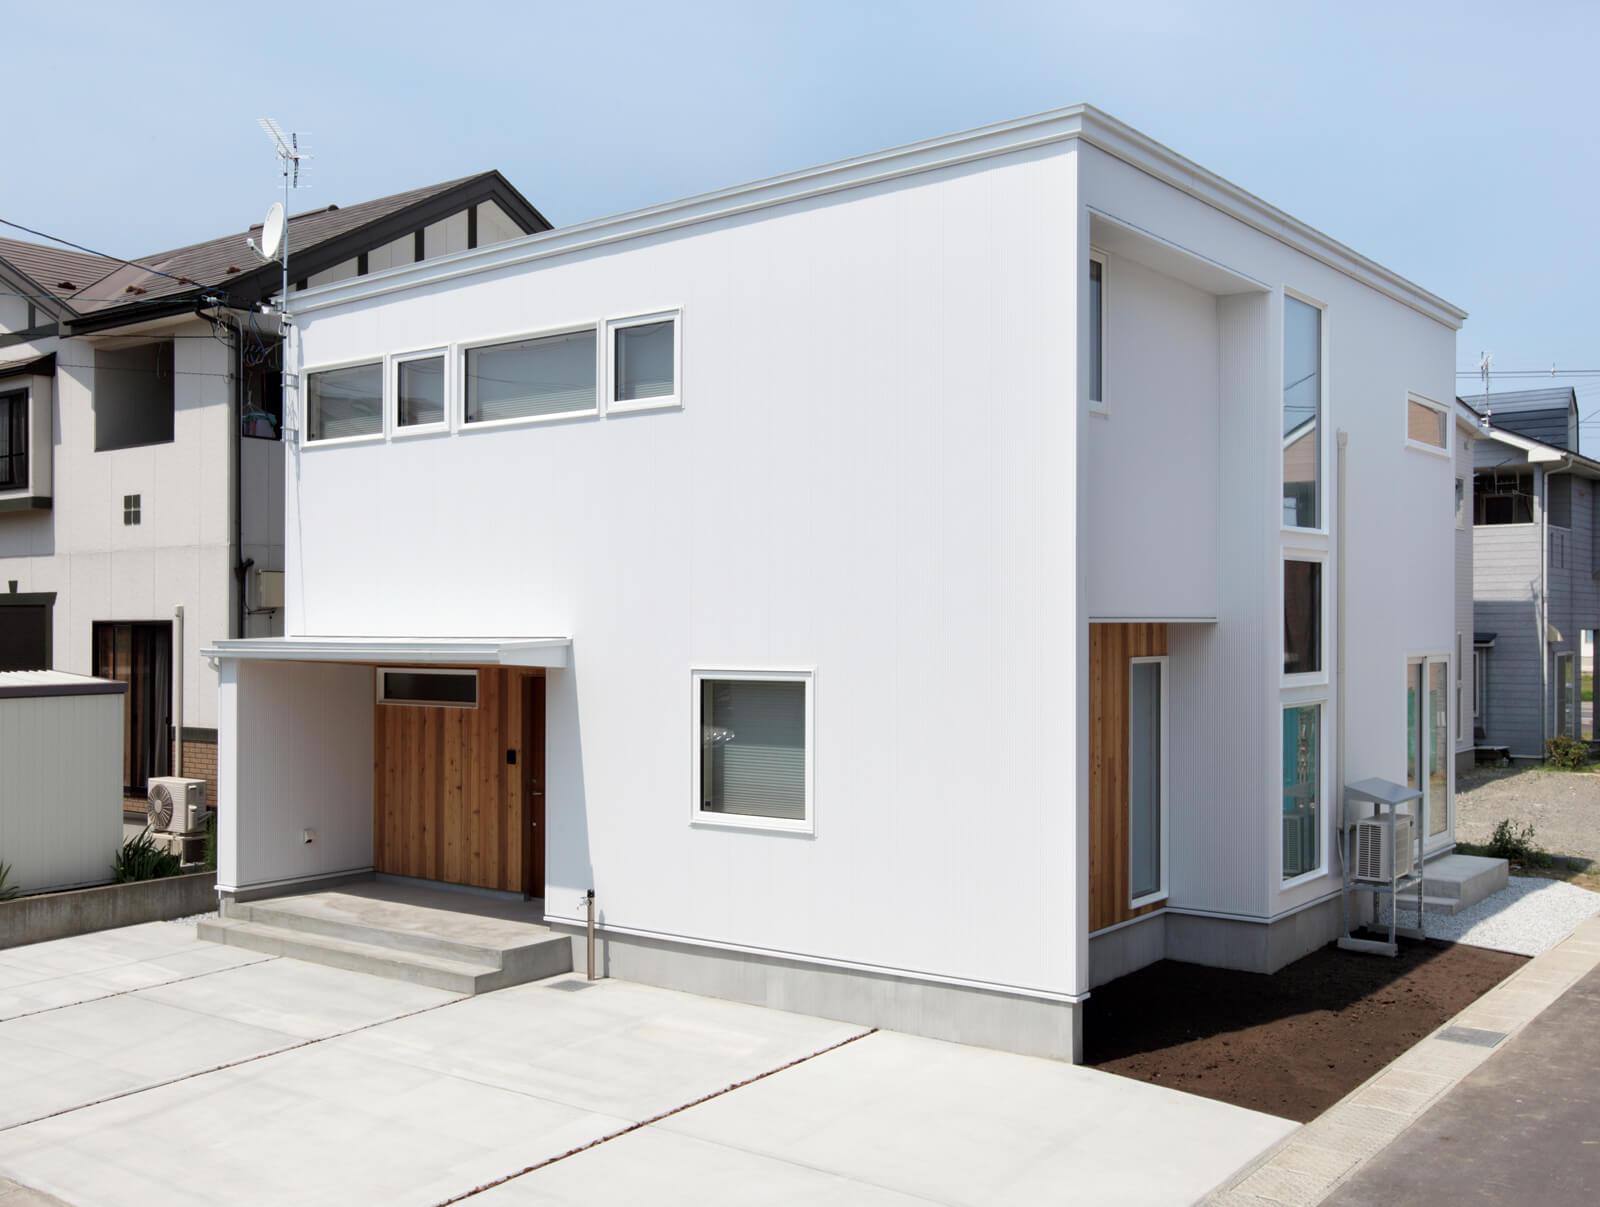 住宅地内の角地に建つHさん宅の外観。キューブ型の白い外観が印象的なシンプルで洗練されたデザイン